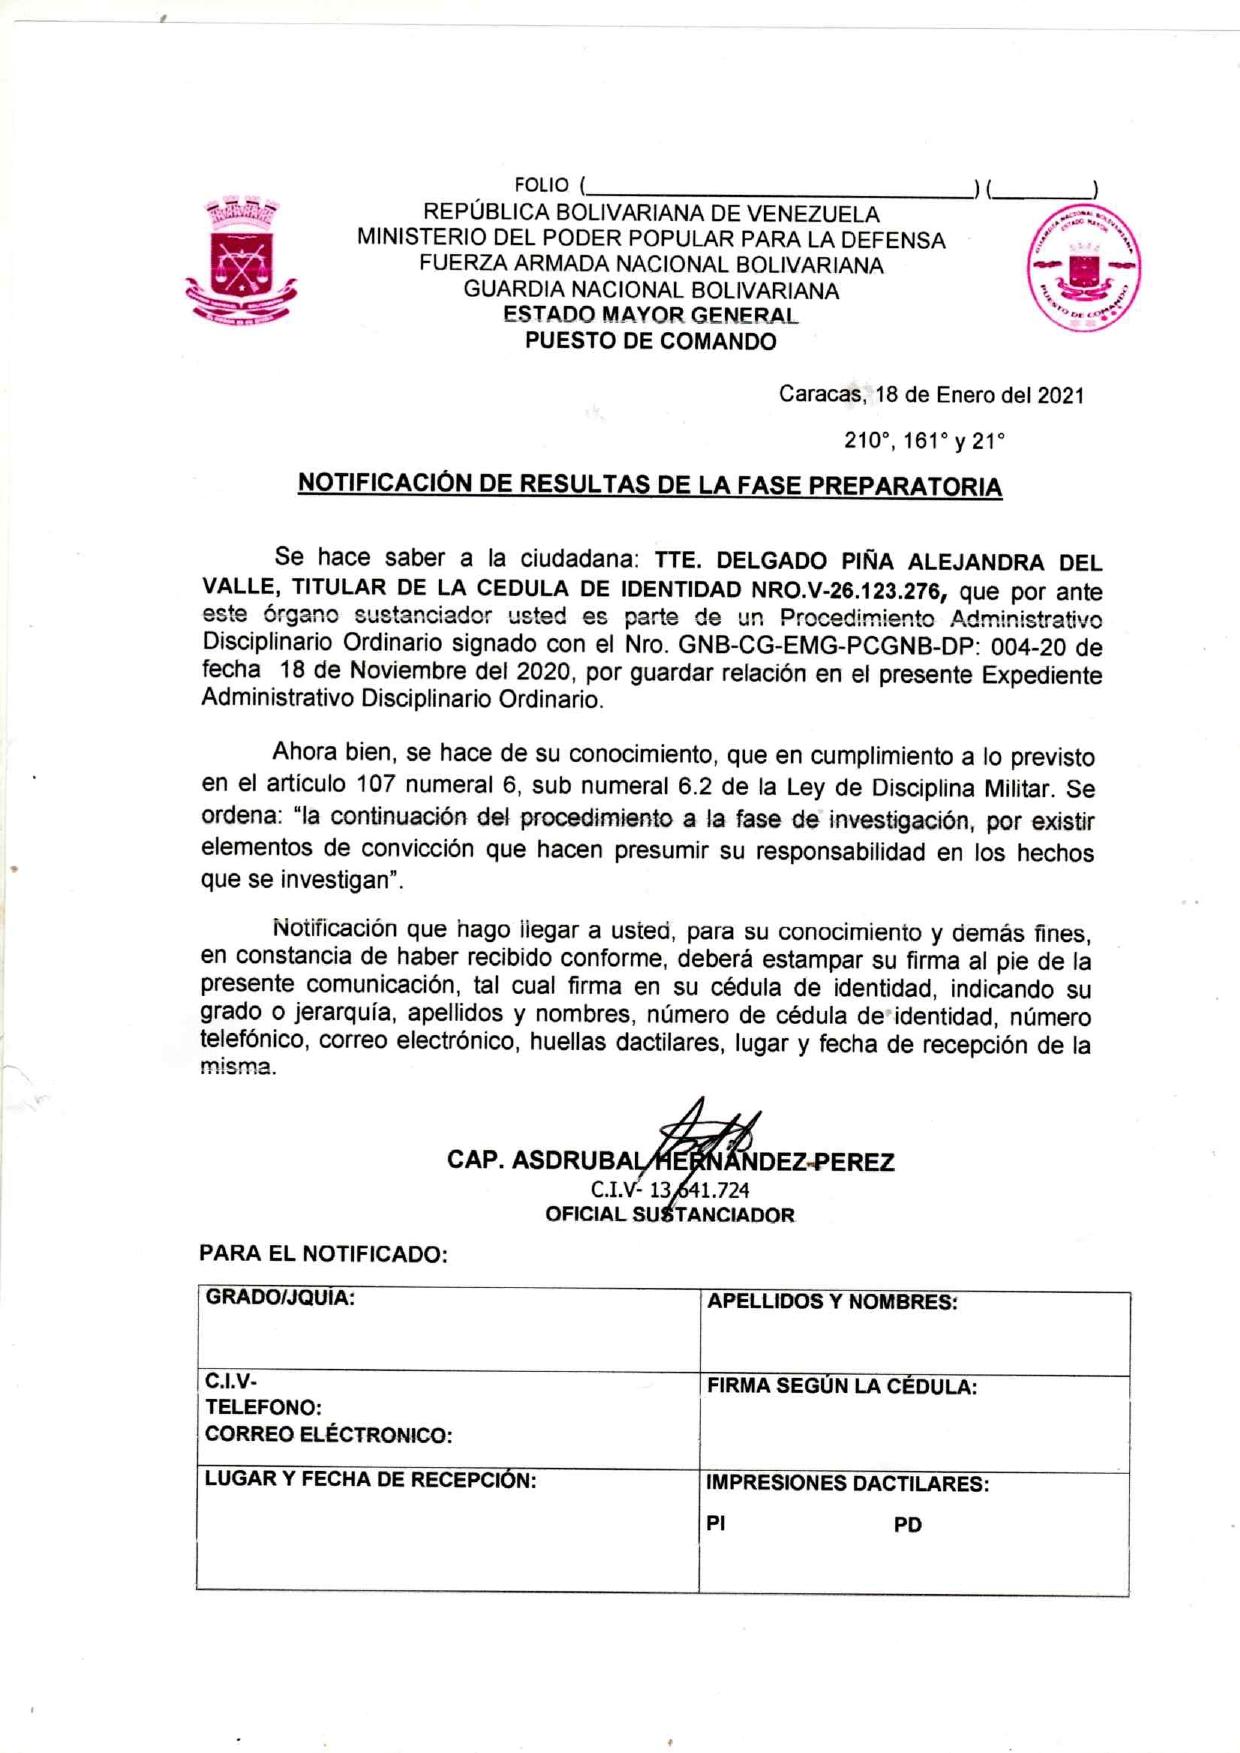 NOTIFICACION DE RESULTA DELGADO_page-0001